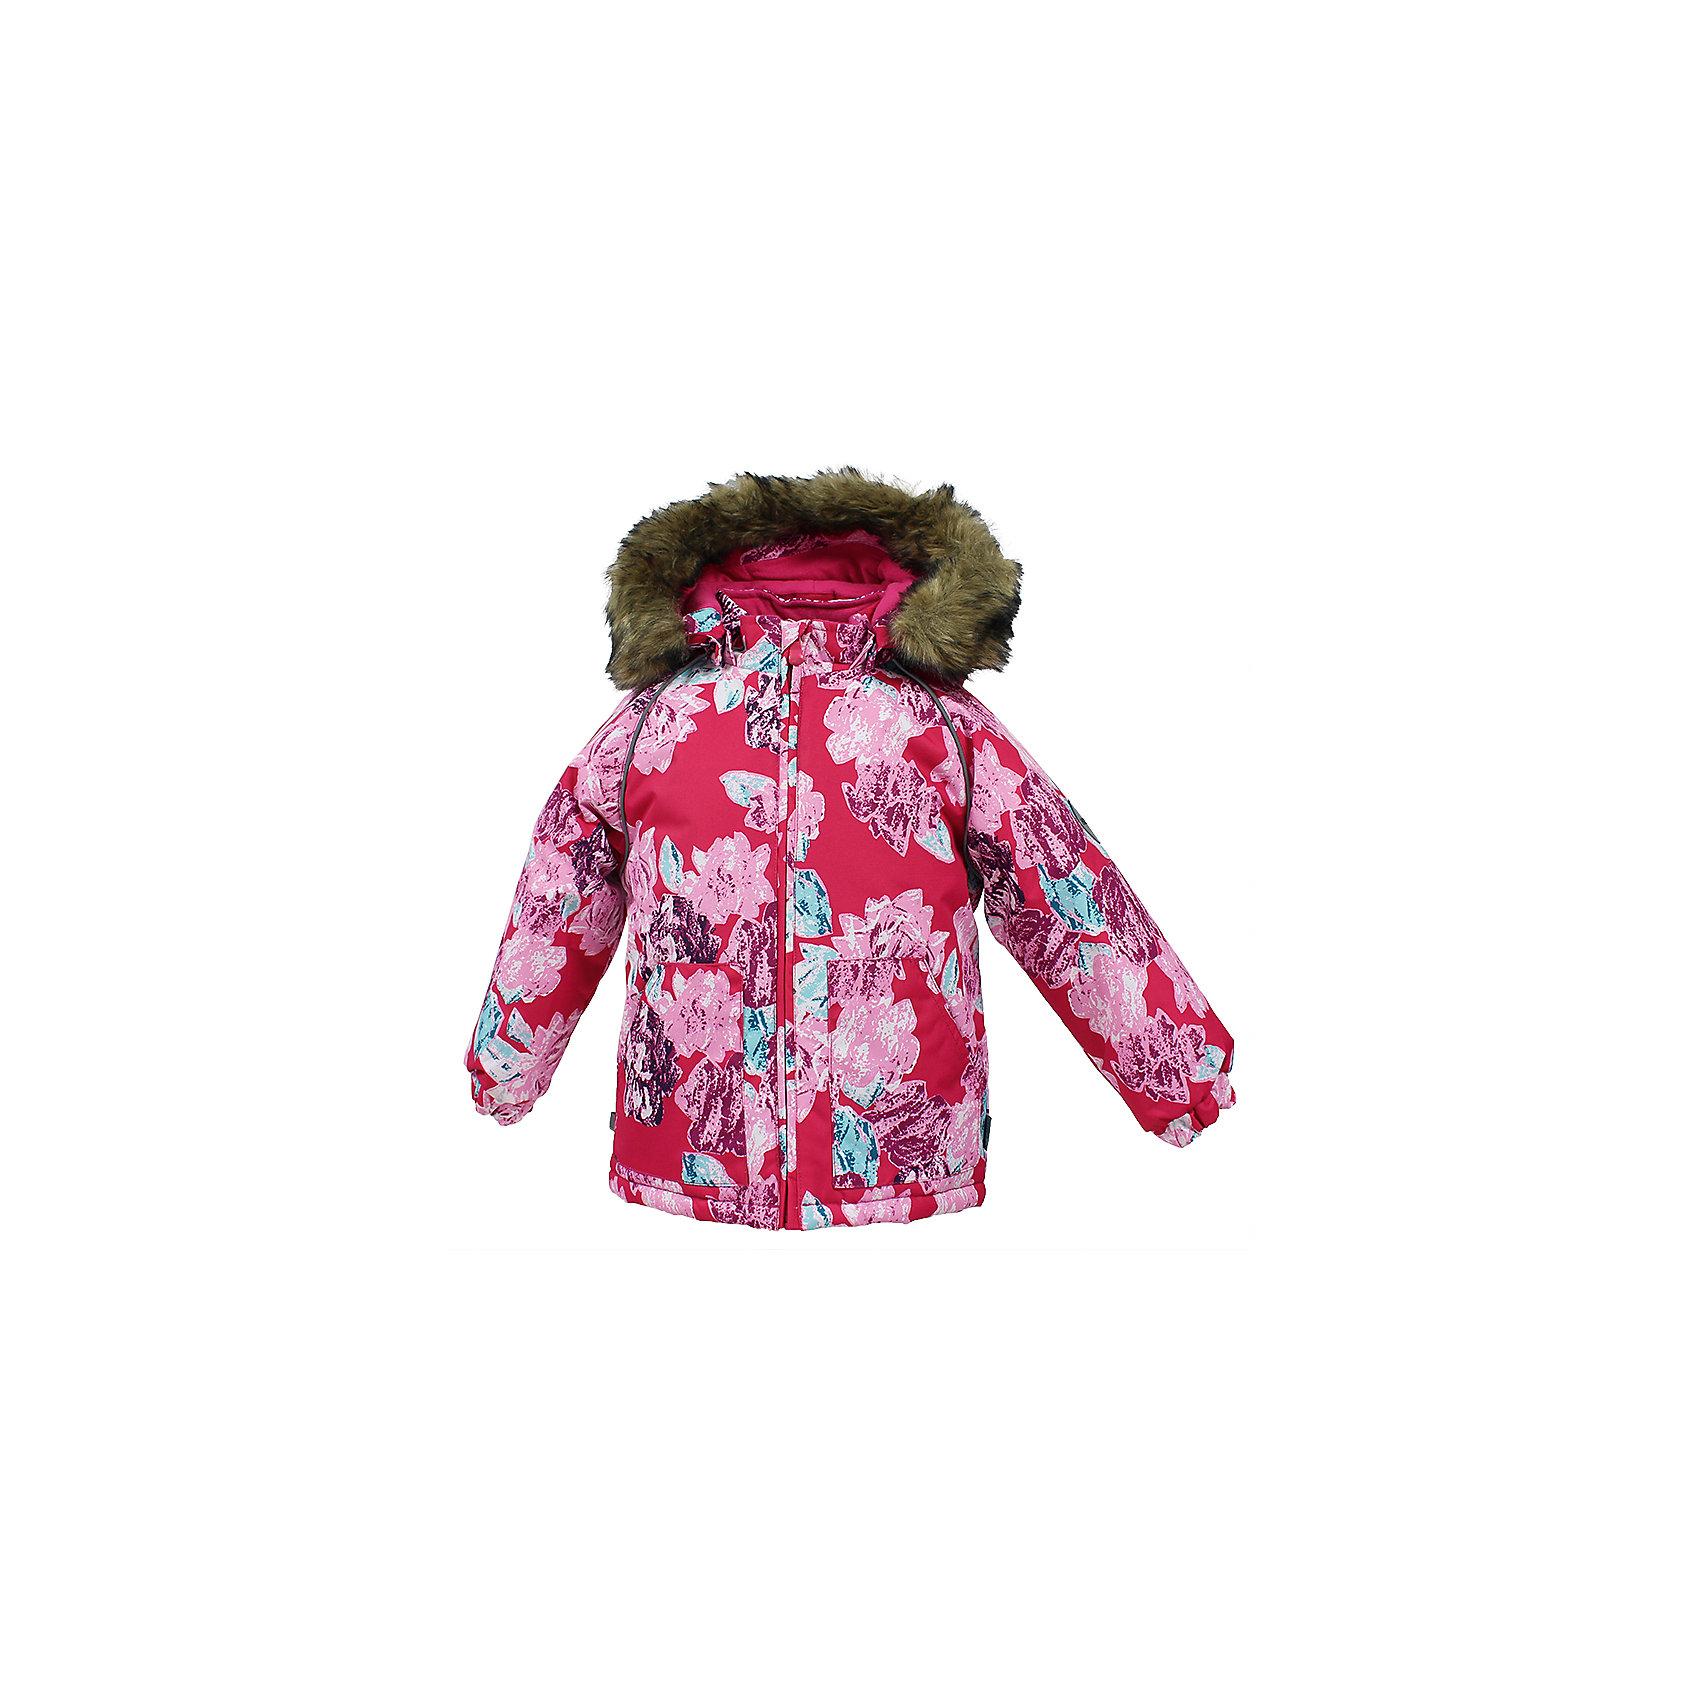 Куртка VIRGO HuppaВерхняя одежда<br>Куртка для малышей VIRGO.Водо и воздухонепроницаемость 10 000. Утеплитель 300 гр. Подкладка фланель 100% хлопок. Отстегивающийся капюшон с мехом. Манжеты рукавов на резинке. Имеются светоотражательные детали.<br>Состав:<br>100% Полиэстер<br><br>Ширина мм: 356<br>Глубина мм: 10<br>Высота мм: 245<br>Вес г: 519<br>Цвет: фуксия<br>Возраст от месяцев: 12<br>Возраст до месяцев: 15<br>Пол: Унисекс<br>Возраст: Детский<br>Размер: 80,104,98,92,86<br>SKU: 7027216